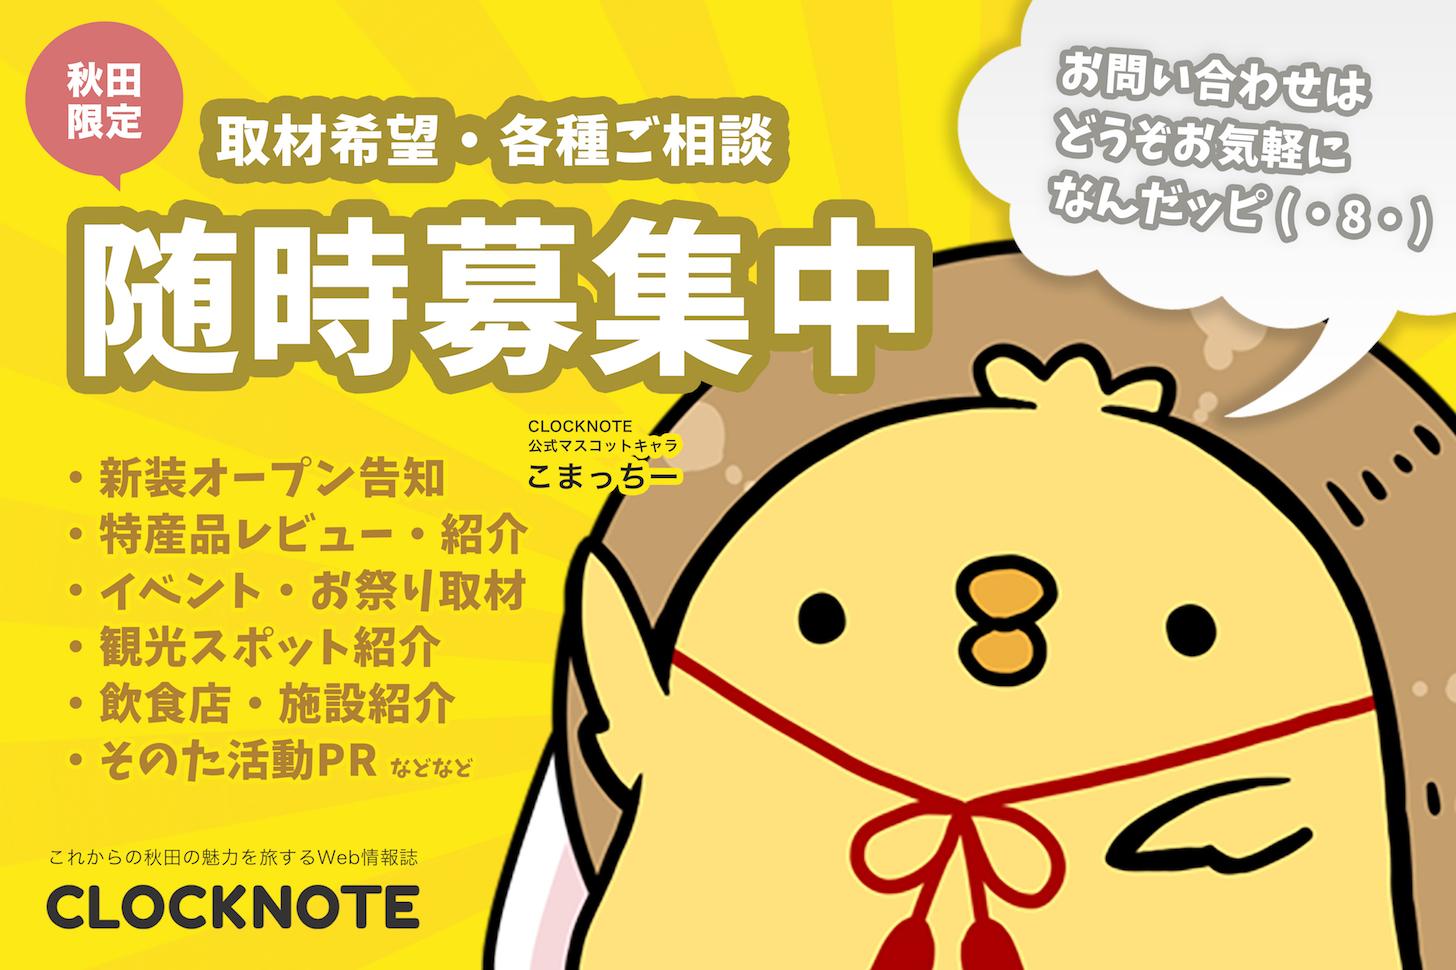 秋田の皆様からの取材希望・各種ご相談を随時募集しております #CLOCKNOTE #クロックノート